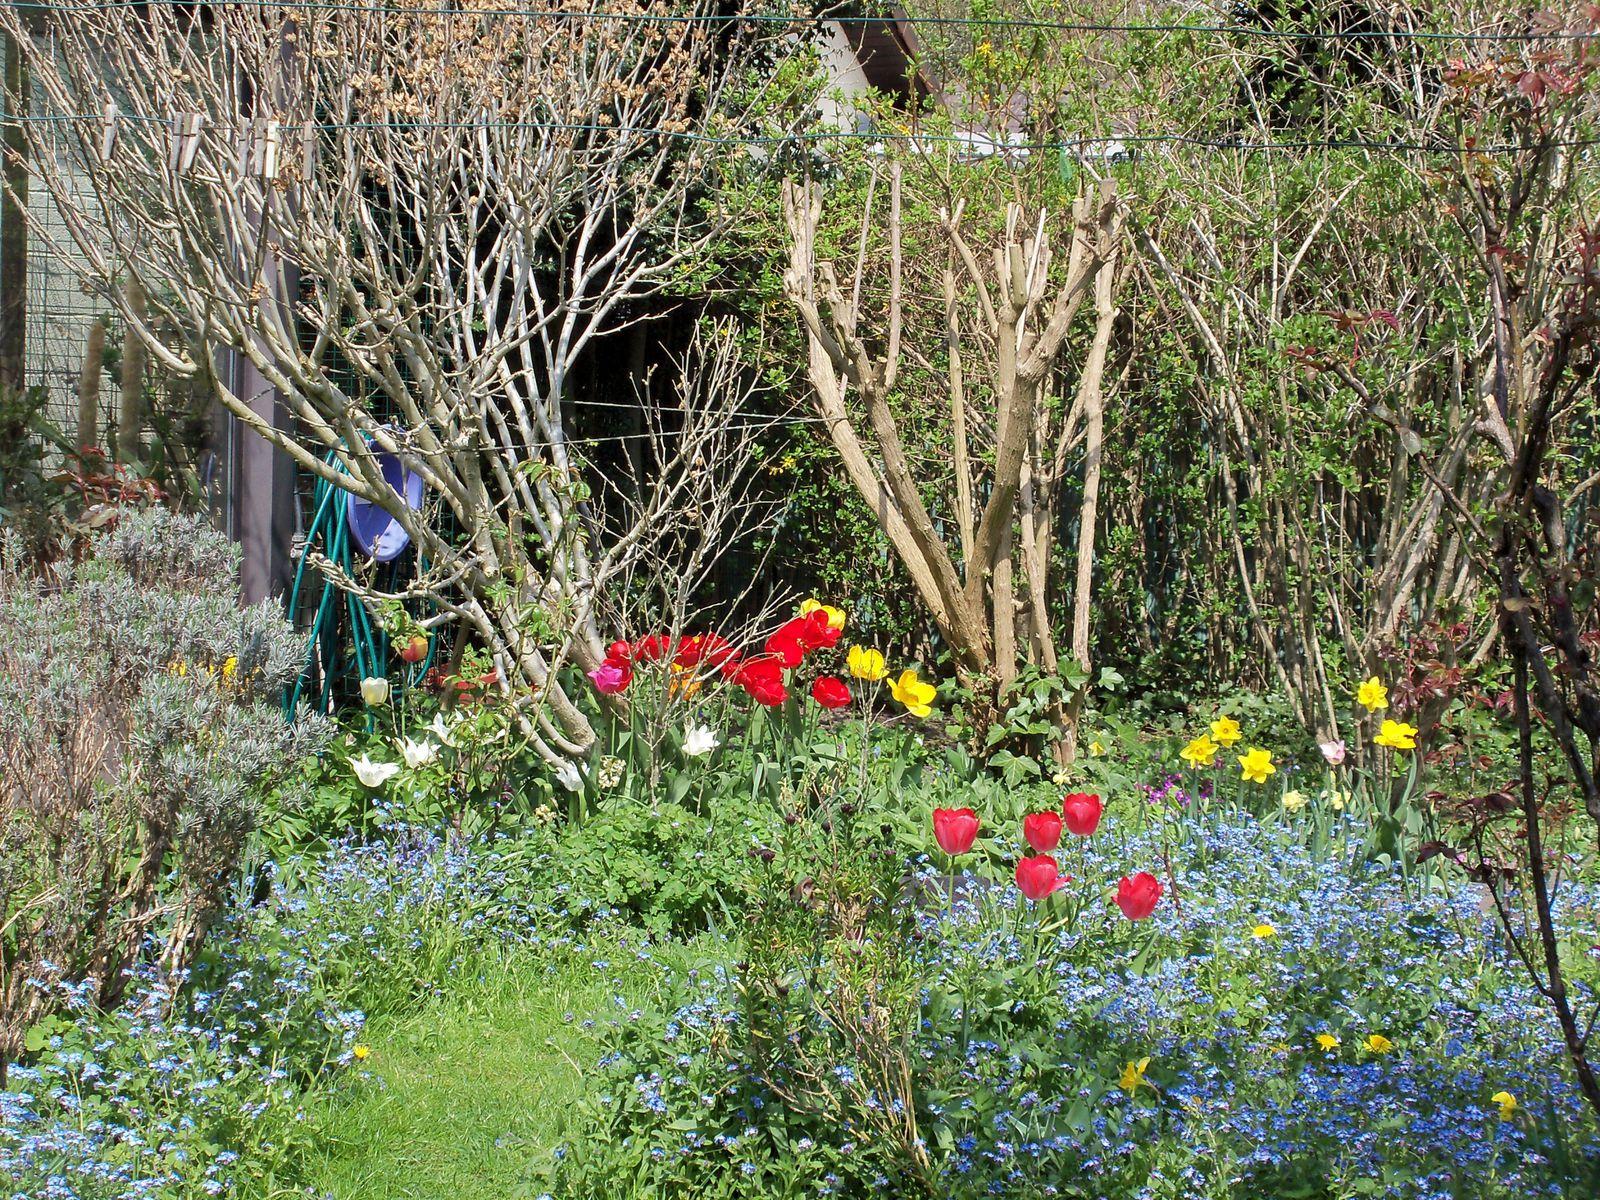 Juste un petit aperçu de mon jardin hier après-midi par une belle journée de Printemps enfin revenu !!